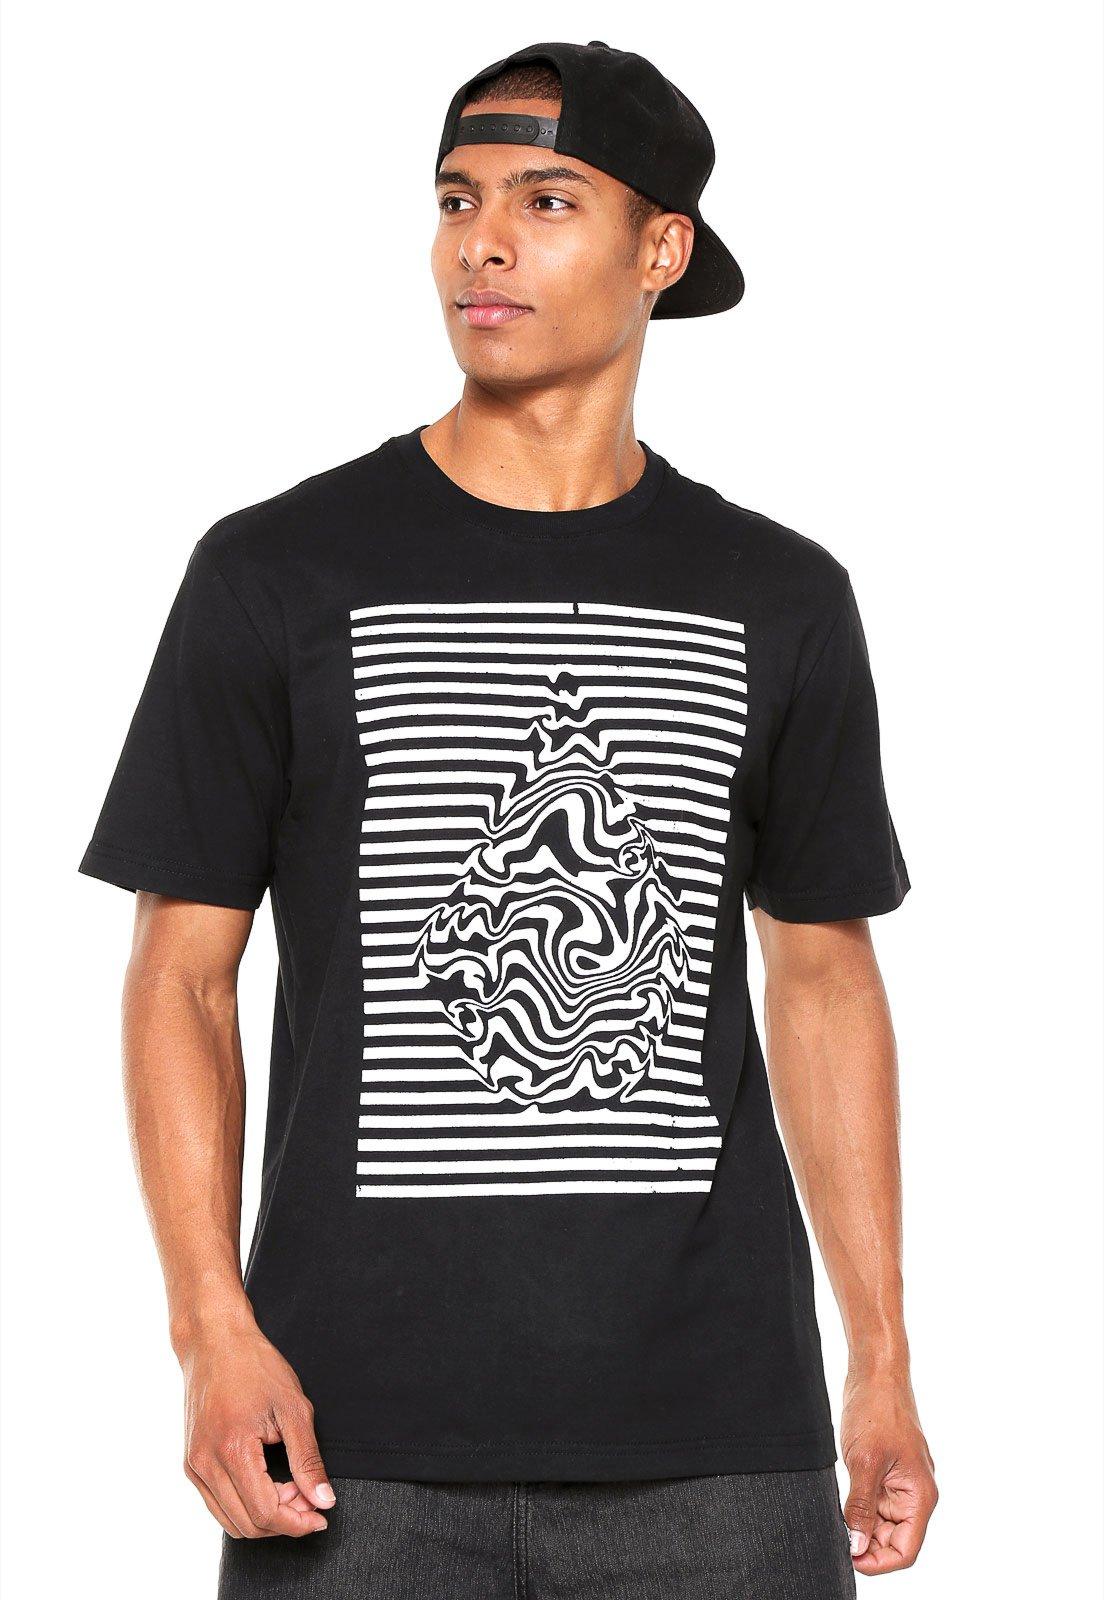 ... Camiseta Volcom Stone Trip Preta - Compre Agora Kanui Brasil  52869166103e5a  Camisa adidas Campeon 15 ... 04f2c8feb33af